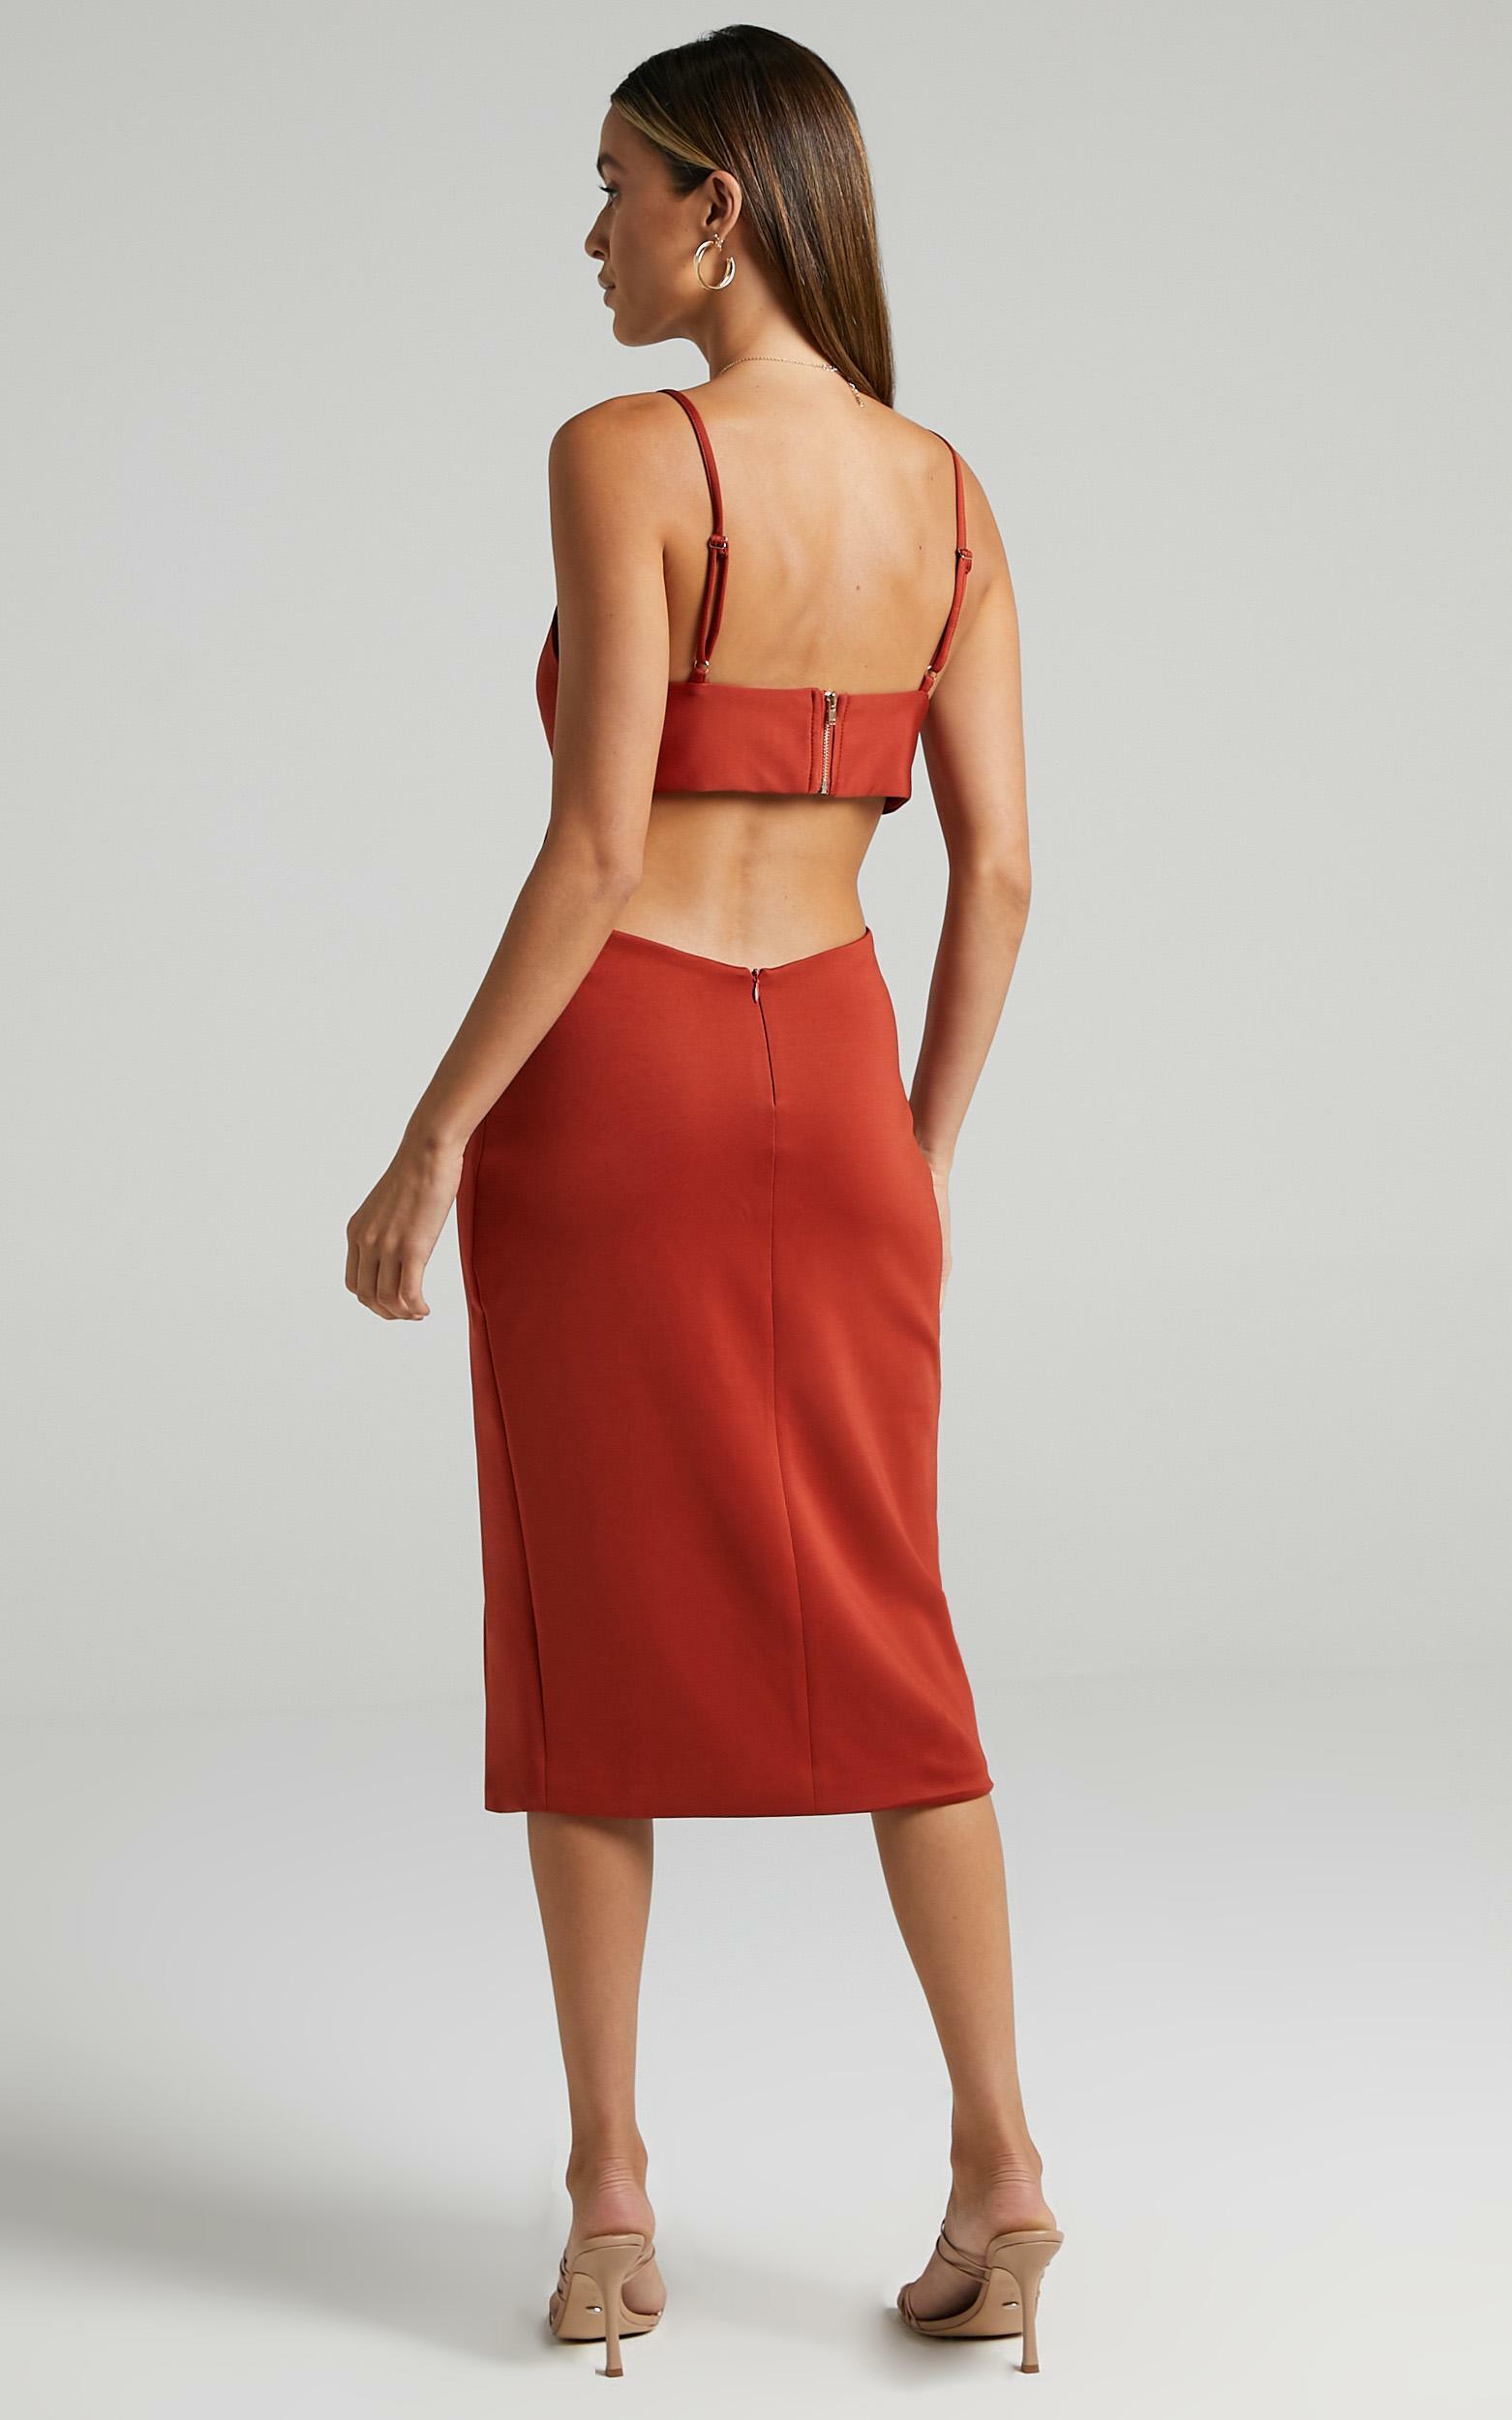 Odette Open Back Midi Dress in Rust - 06, BRN1, hi-res image number null